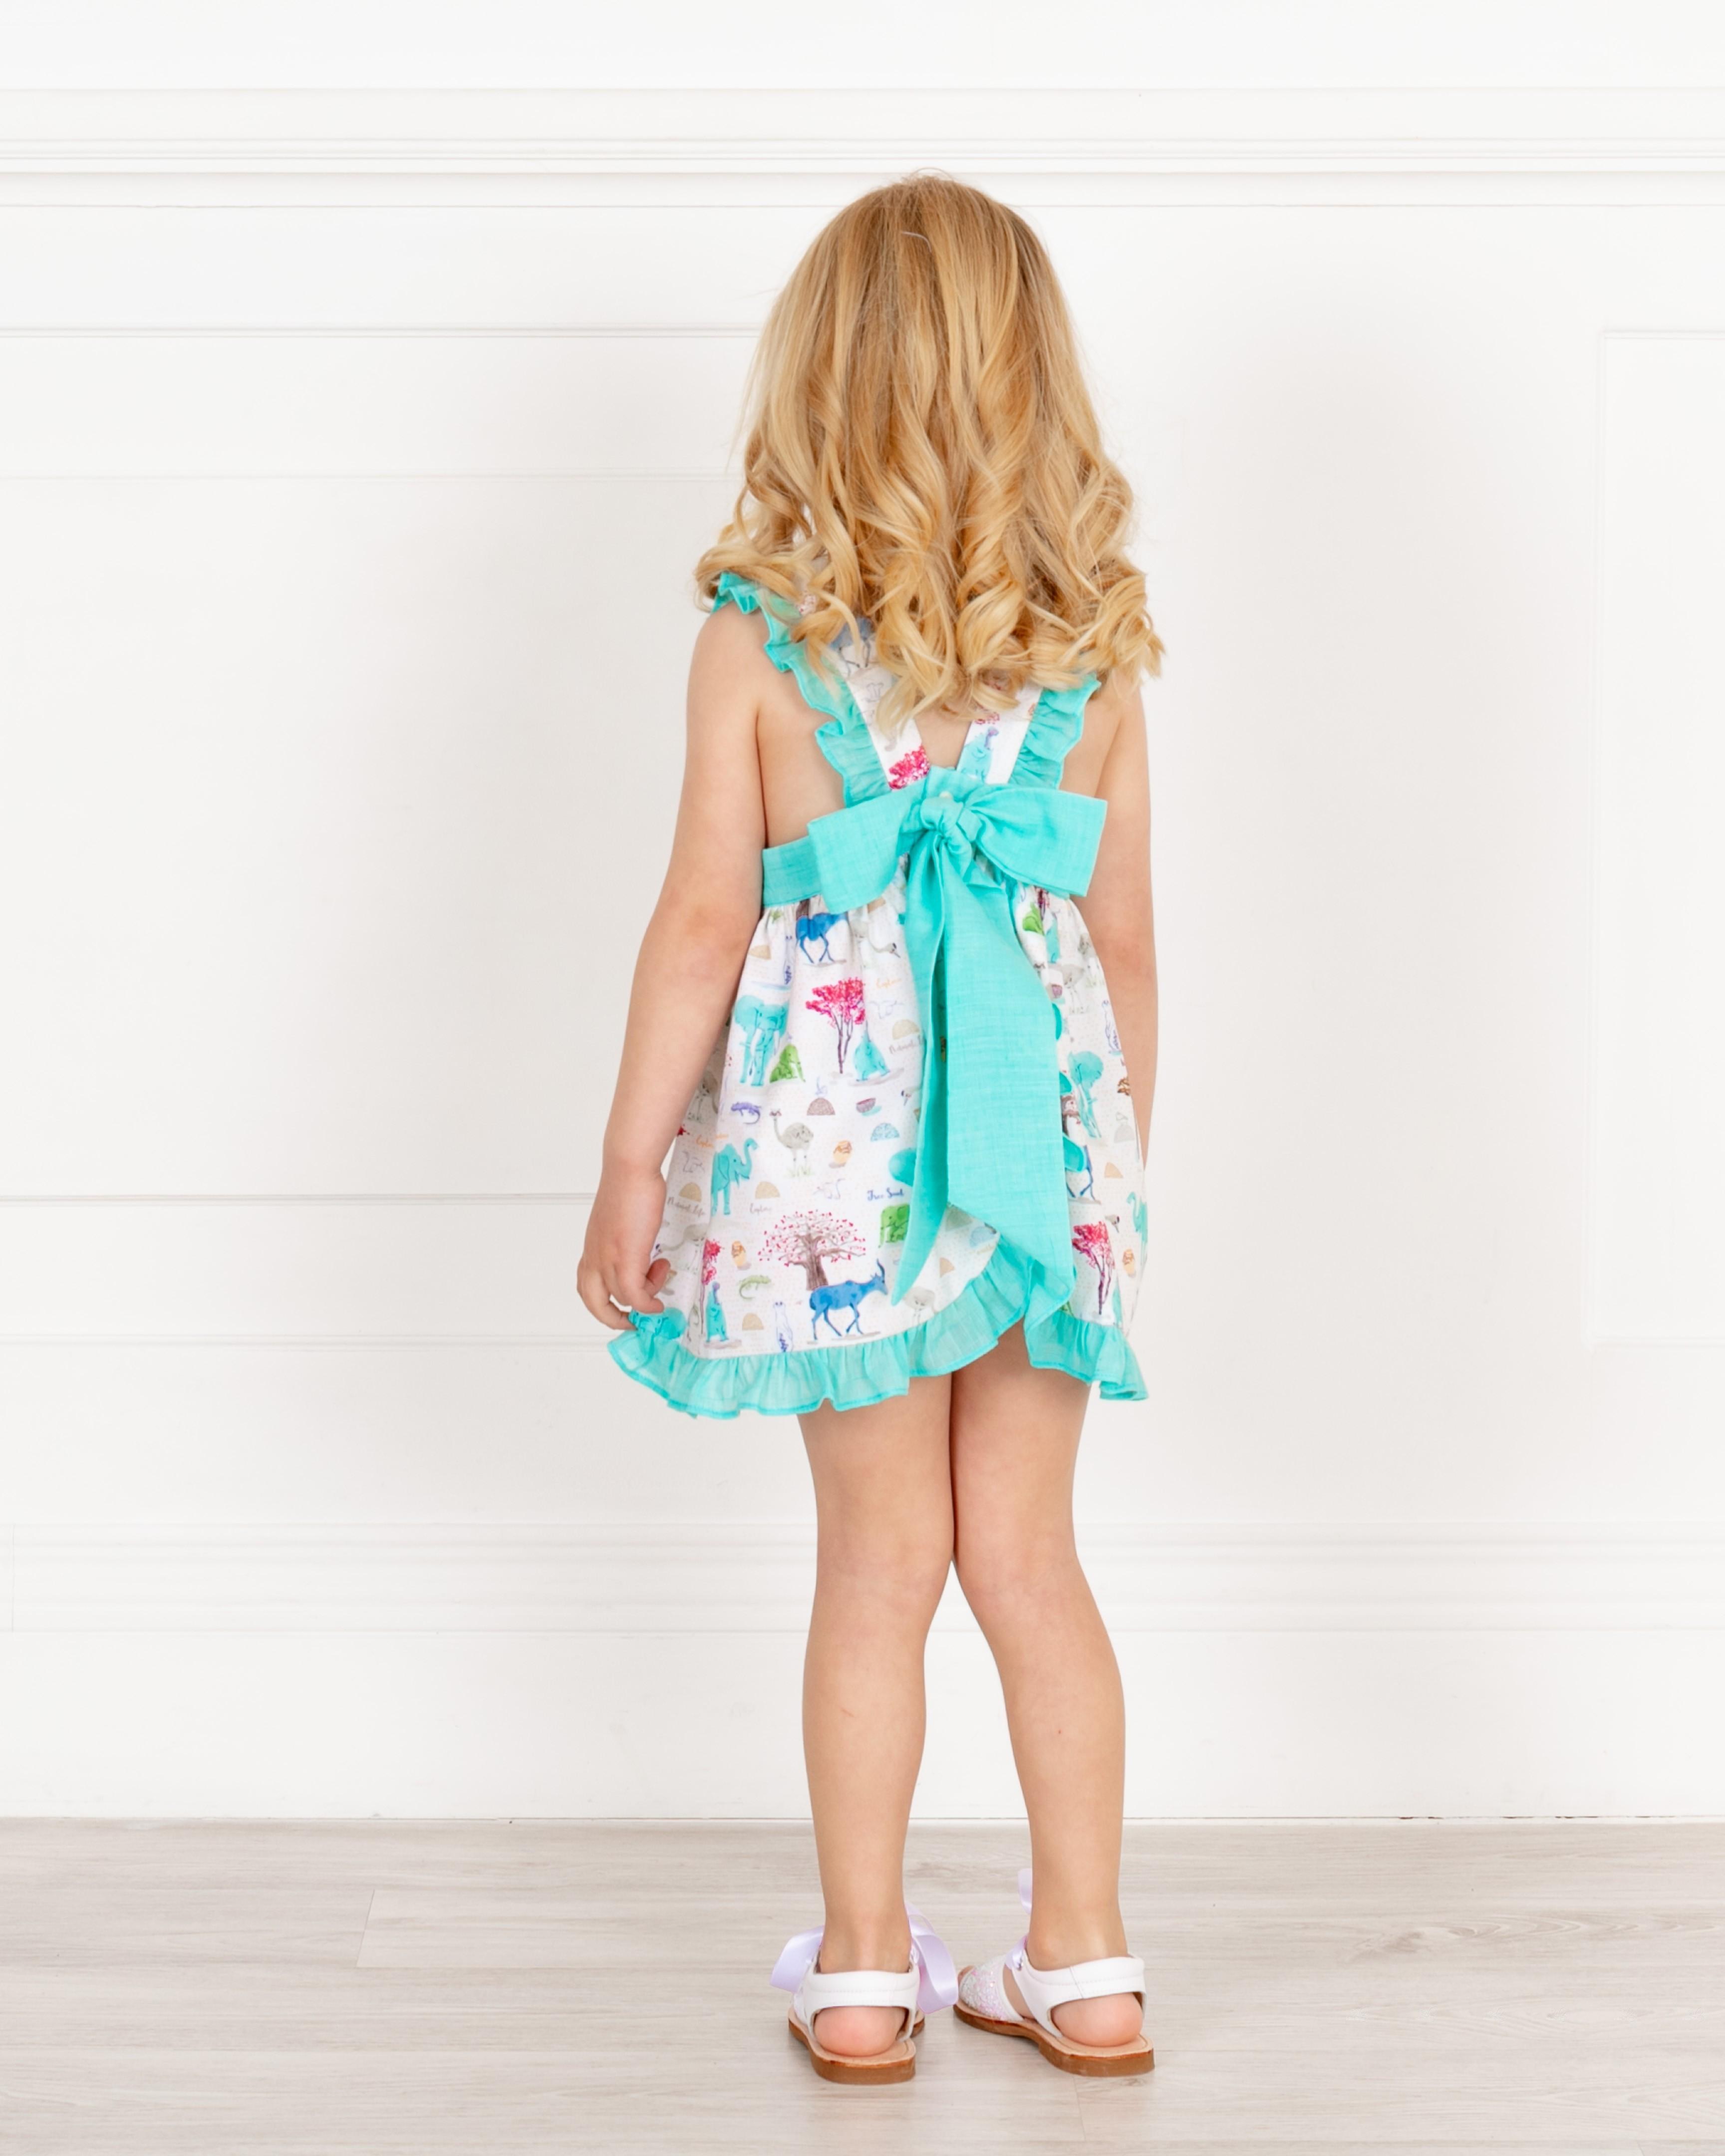 e3c5f8a2e Home; Baby Girls Aqua Green Animal Print Dress with Ruffles. Ancar Vestido  Niña Estampado Animales Verde Agua Abierto & Volantes · Ancar Vestido Niña  ...